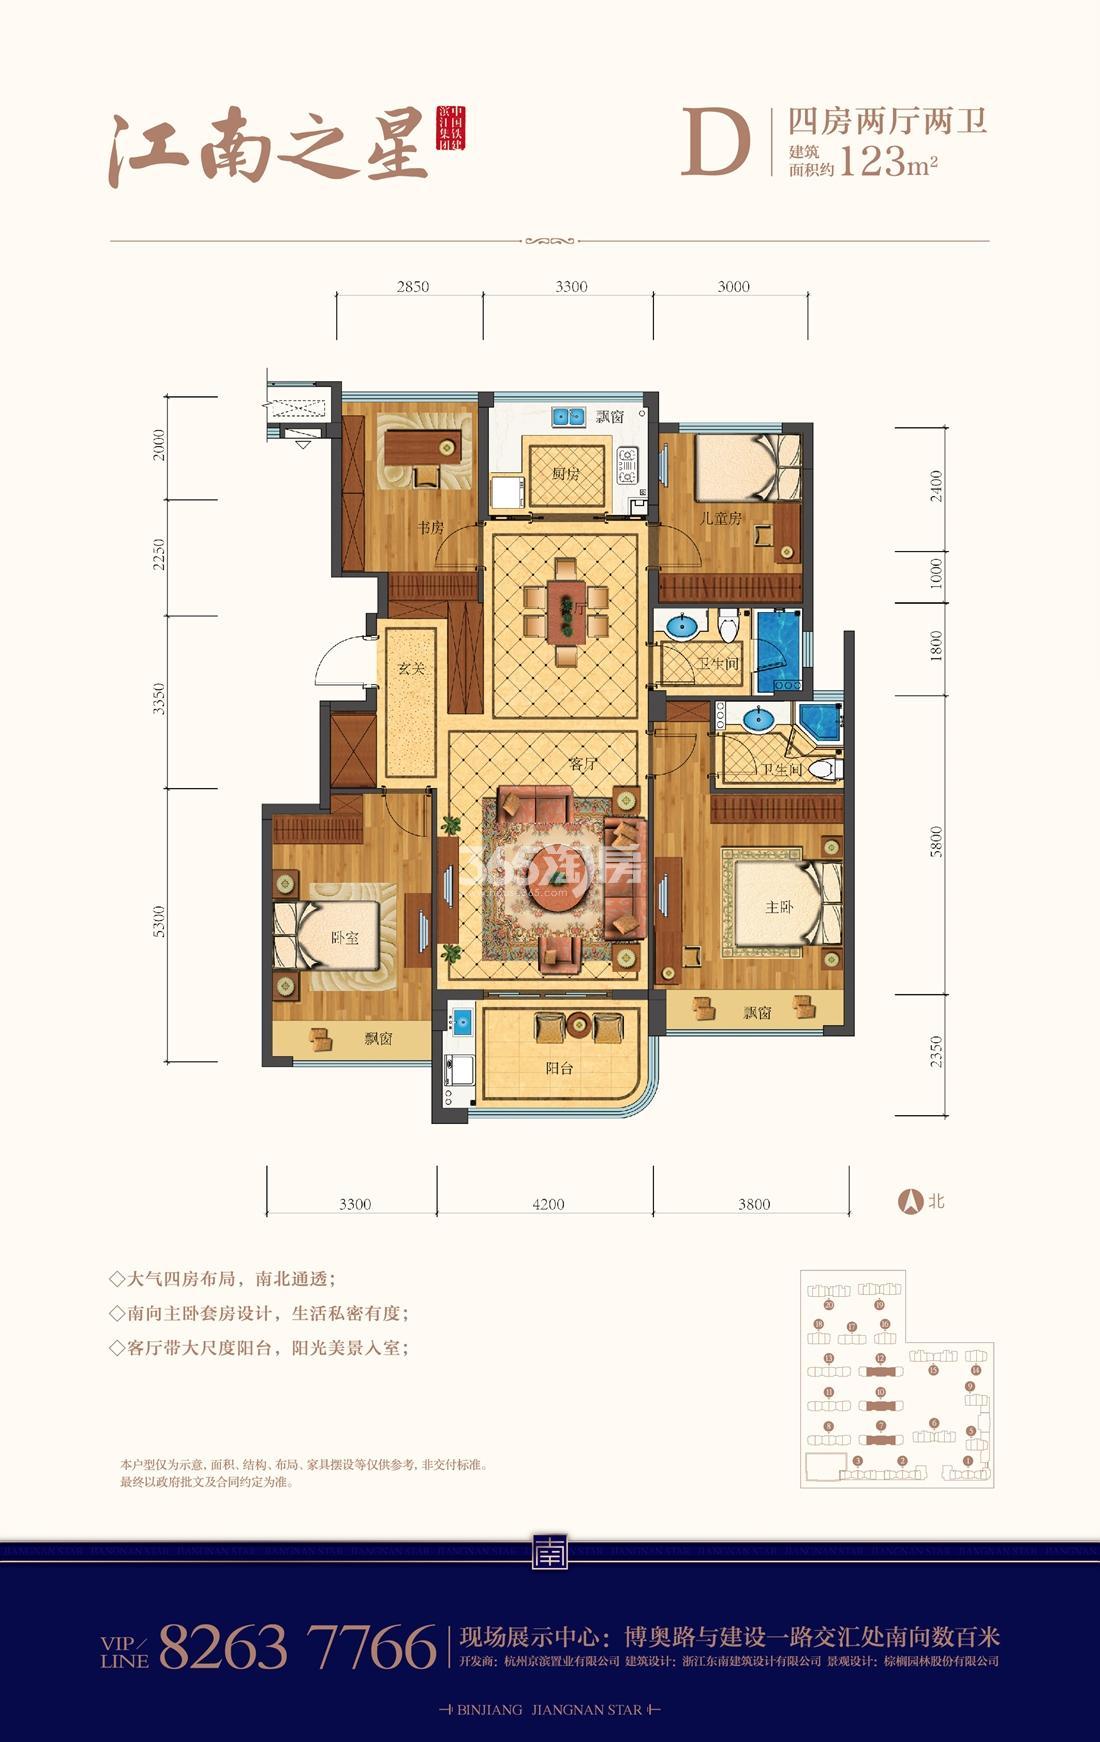 滨江江南之星D户型123方(7、10、12号楼)